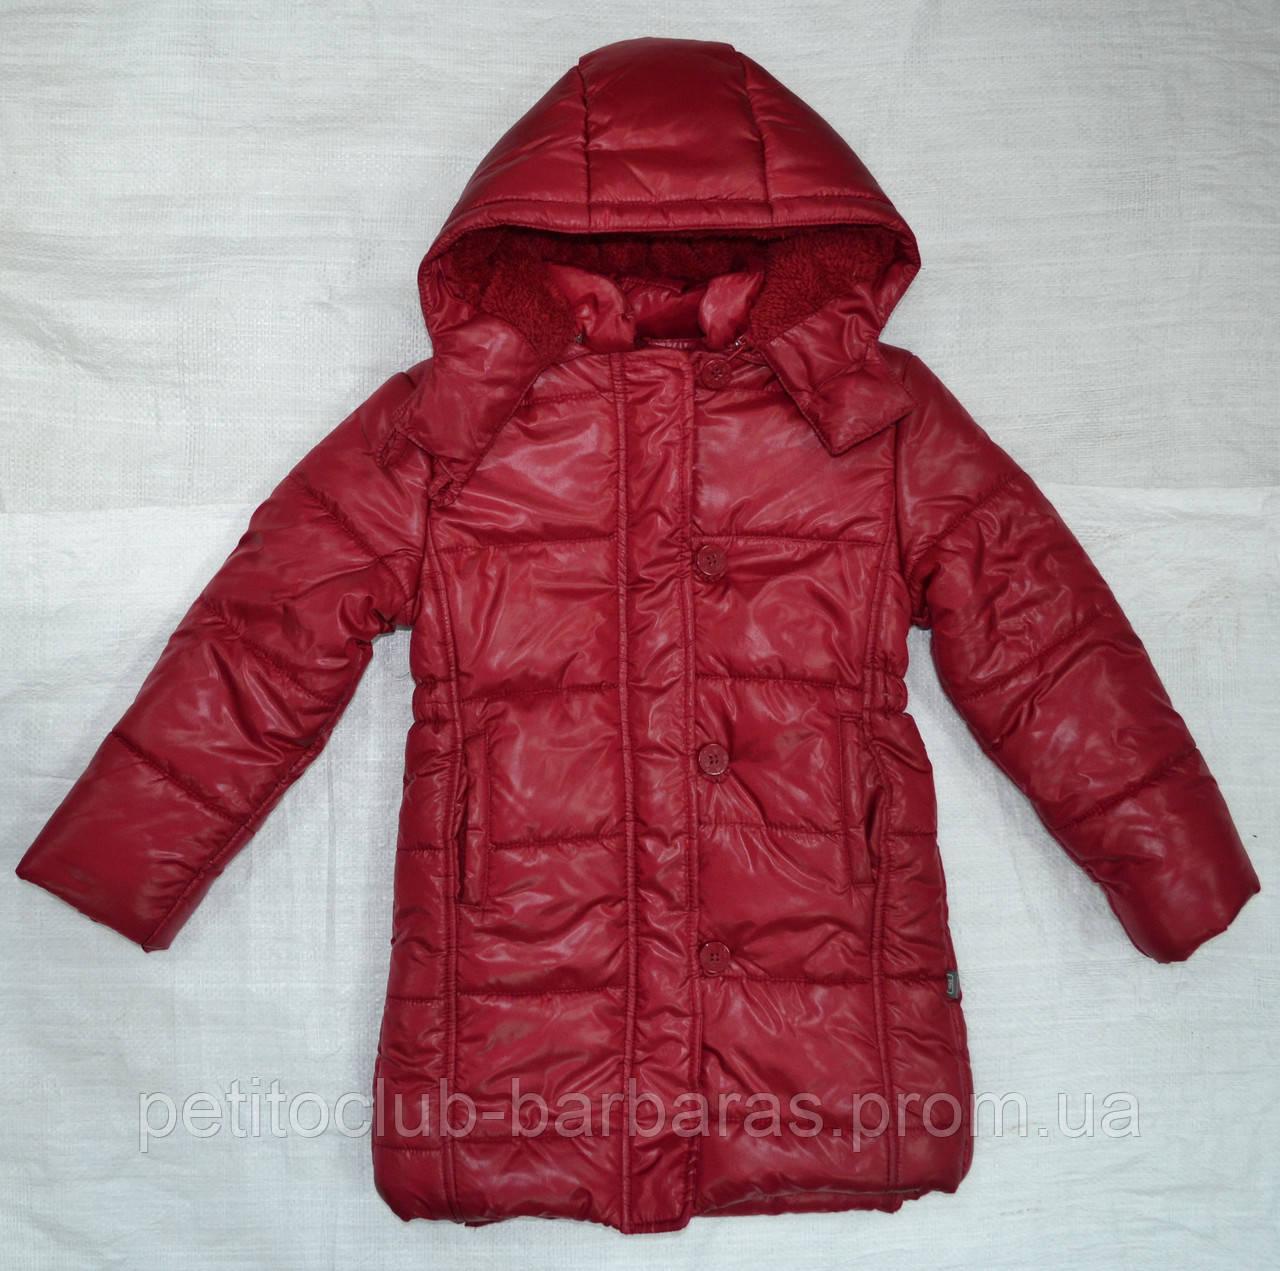 Куртка зимняя для девочки Dominika бордовая (QuadriFoglio, Польша)